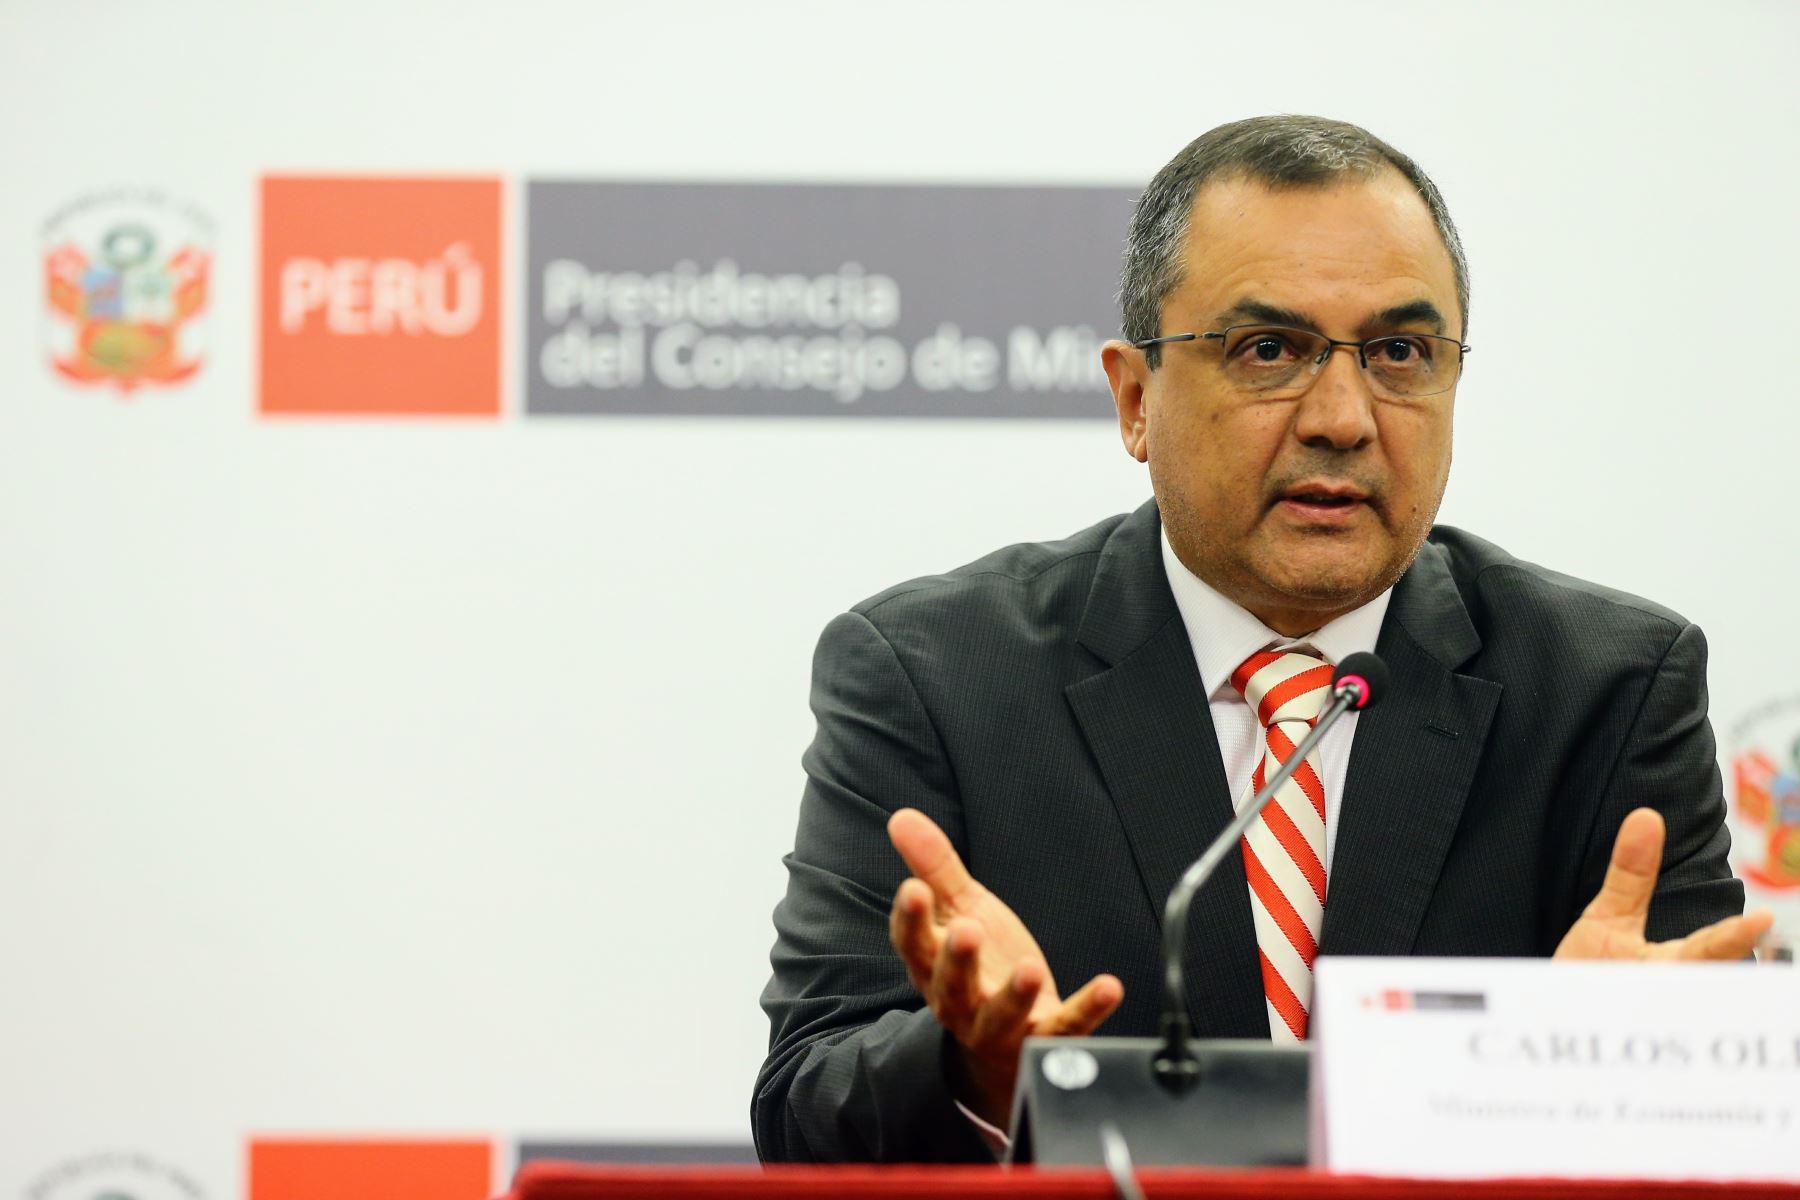 Minstro de Economía y Finanzas, Carlos Oliva. ANDINA/Luis Iparraguirre